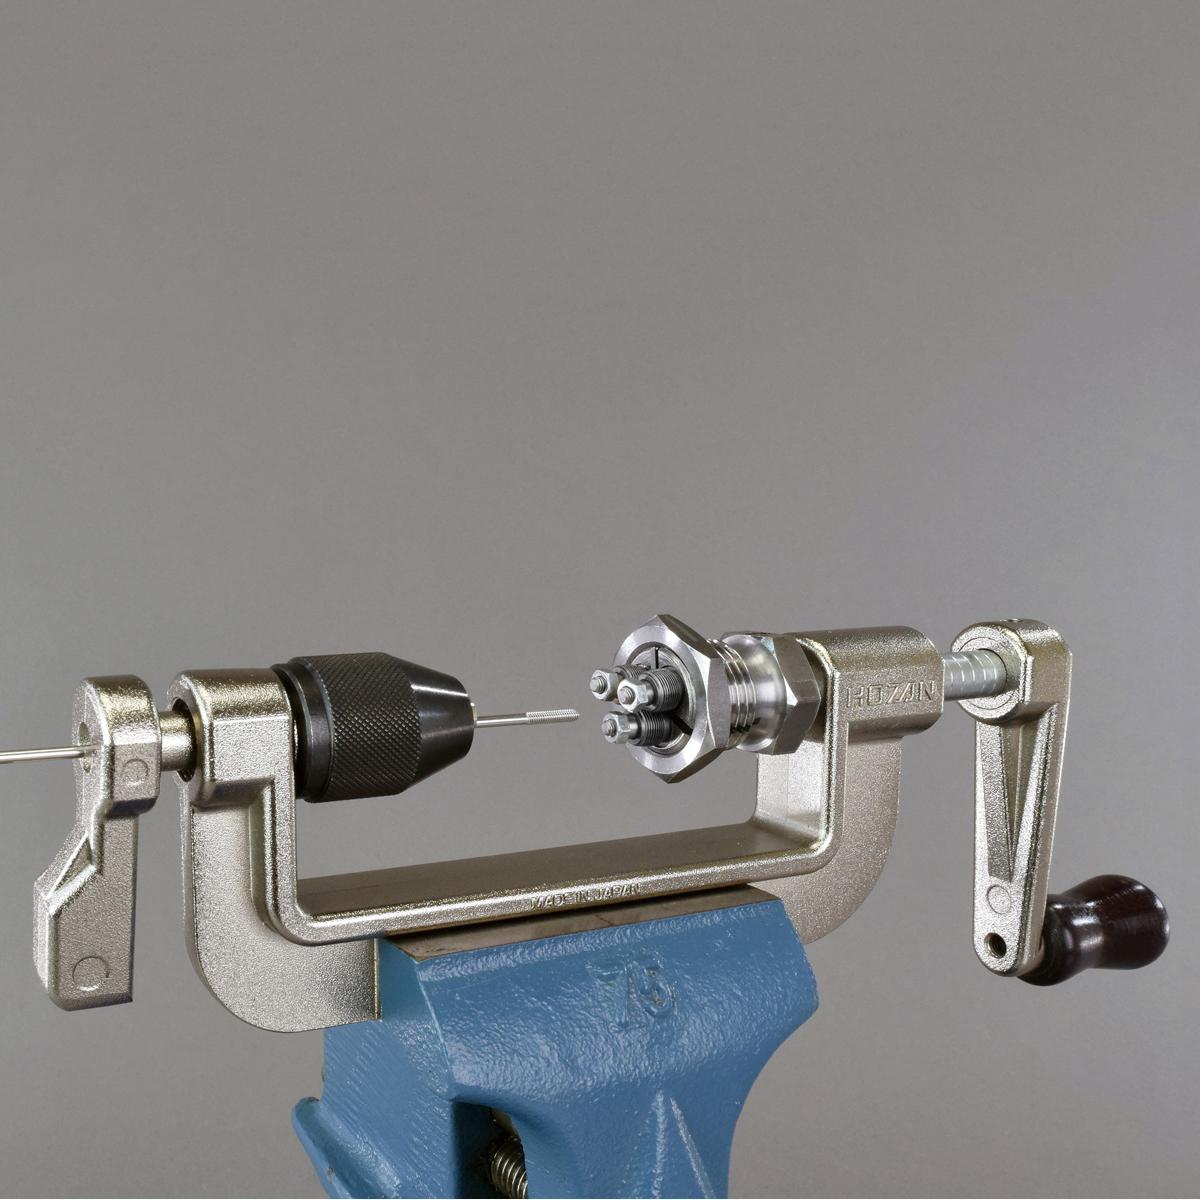 hozan spaakdraadmachine c702 voor bankschroefklem met draadsnijkop 14gbc20 zilver